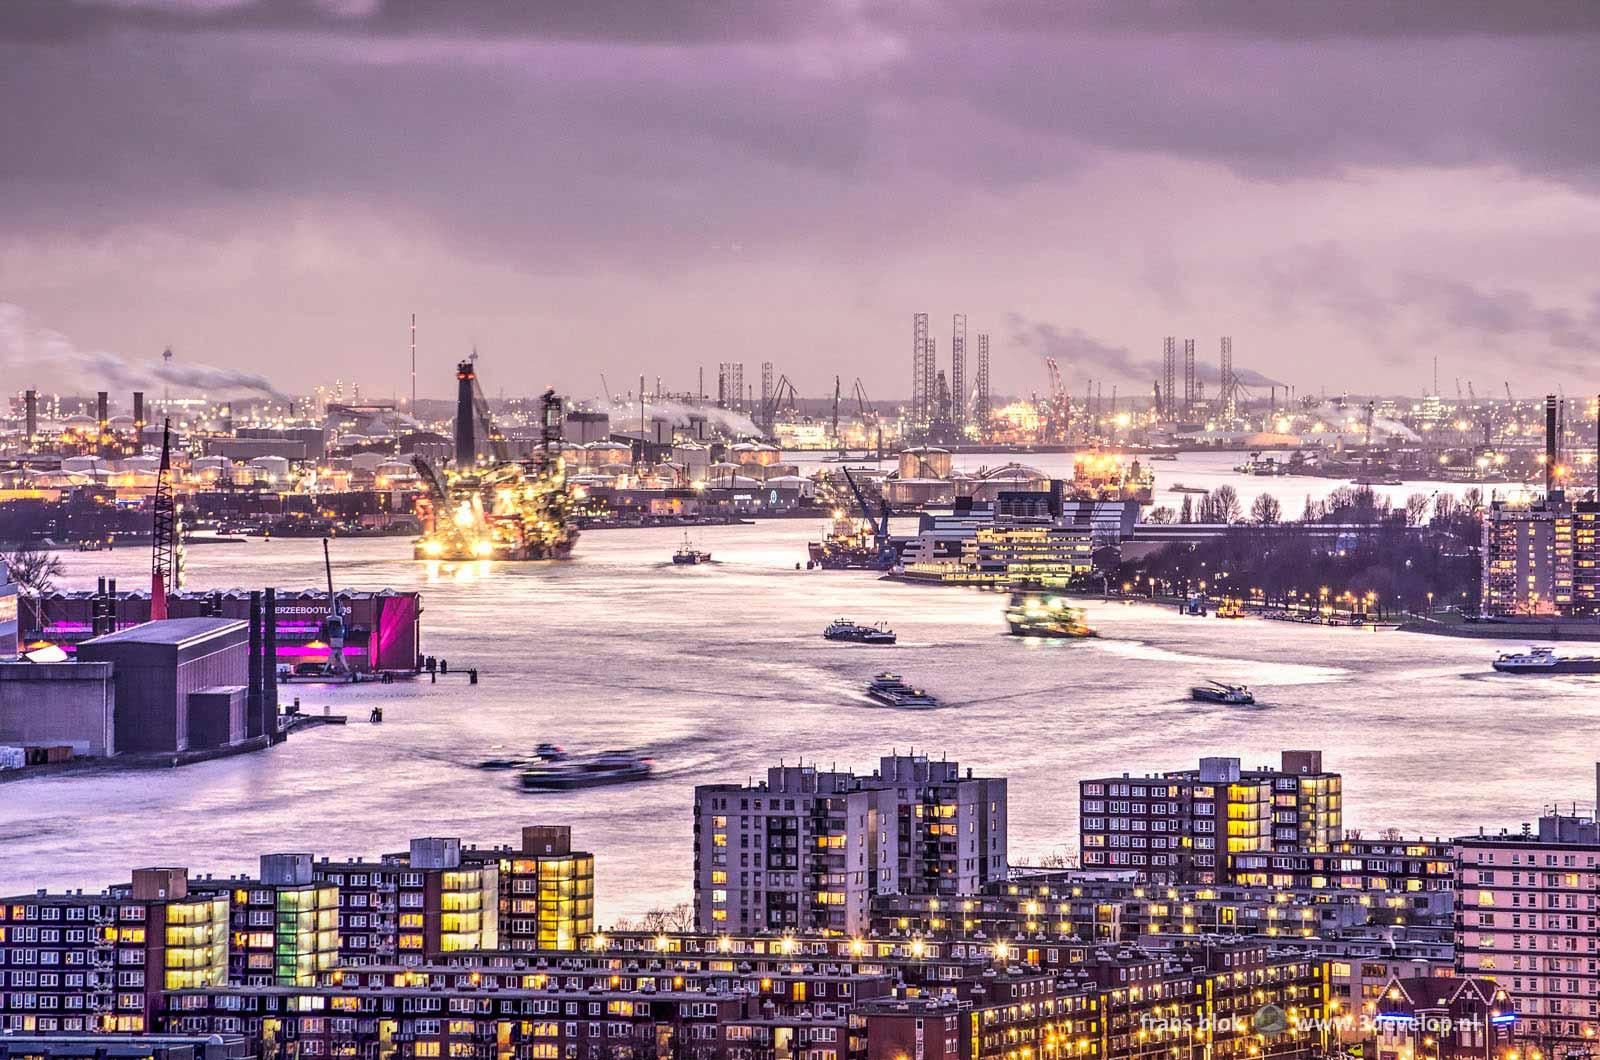 Avondbeeld van de Nieuwe Maas in Rotterdam met op de voorgrond de wijk Schiemond, links de Heyplaat, rechts Schiedam en op de achtergrond de industrie van Pernis, Botlek en Europoort.